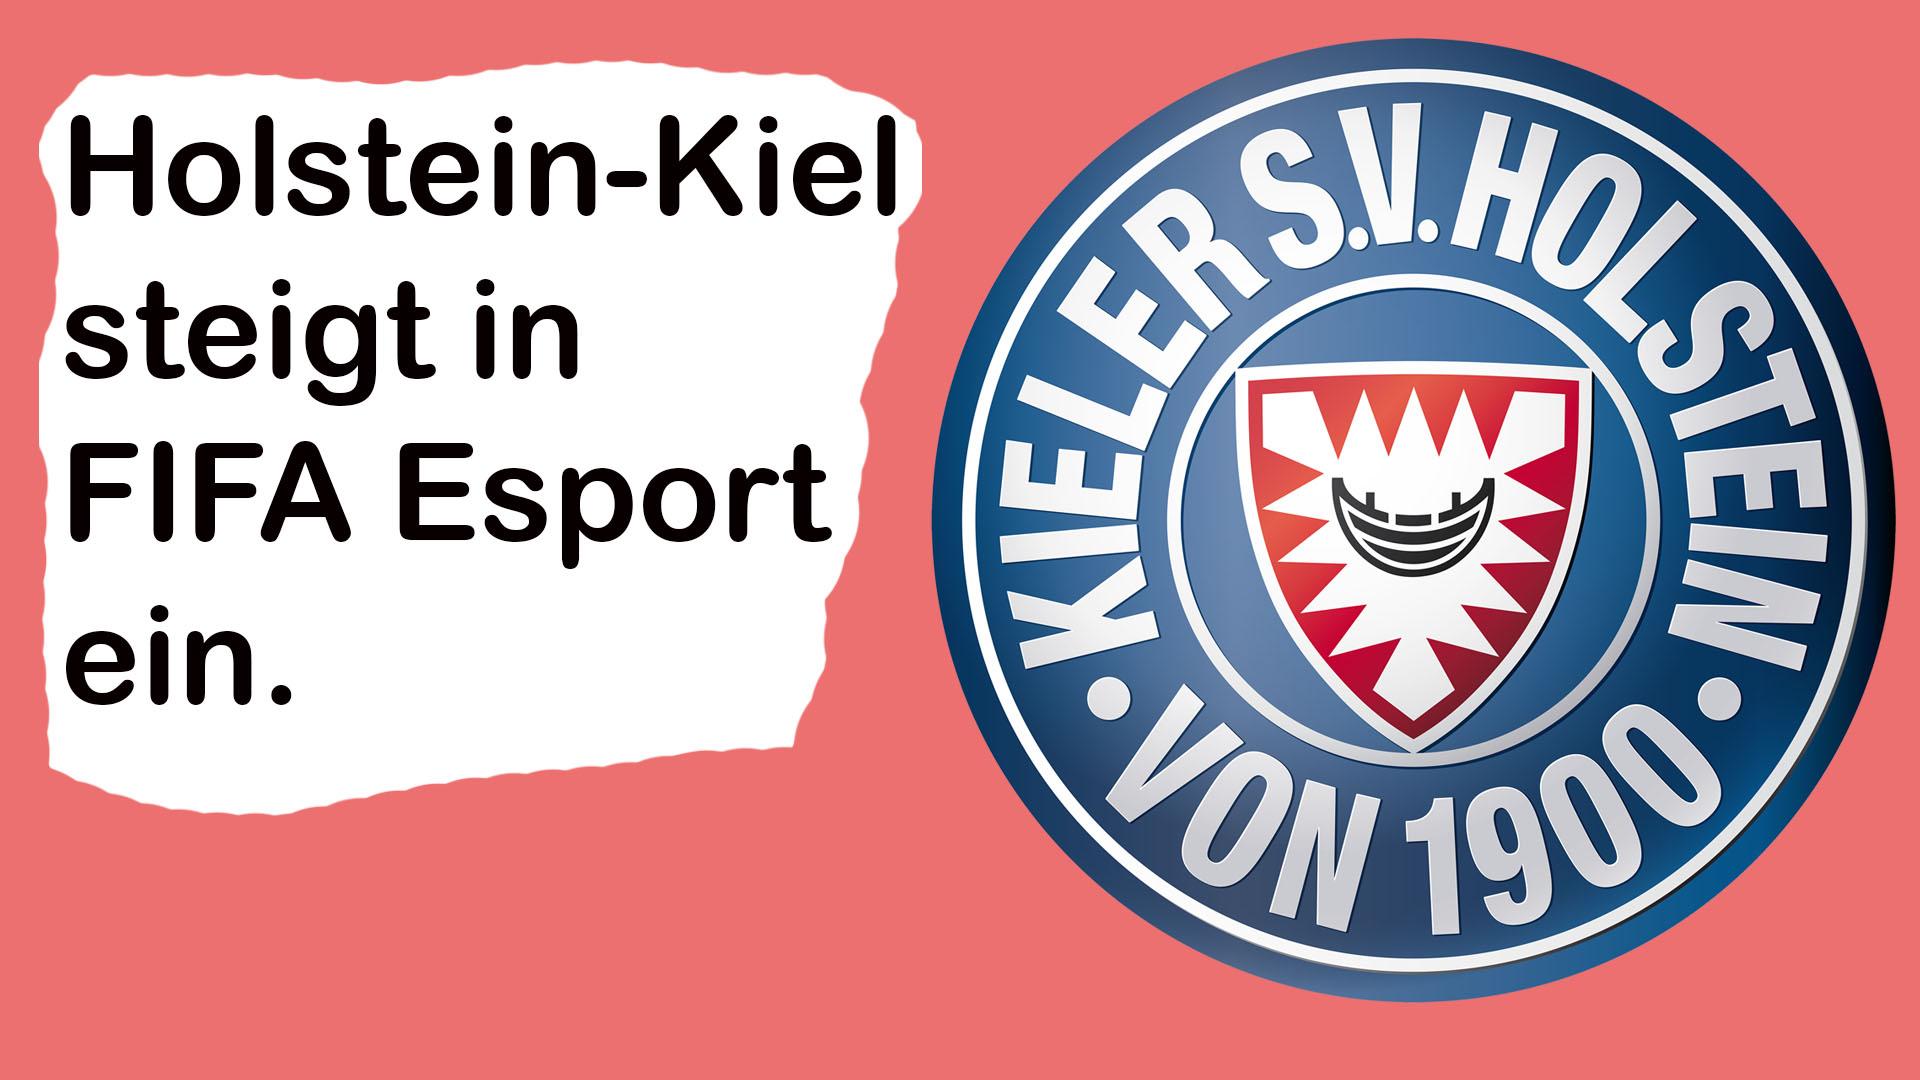 2 bundesliga holstein kiel steigt in fifa esport ein 076 esportspur der e sport podcast rund um fifa nba 2k esport